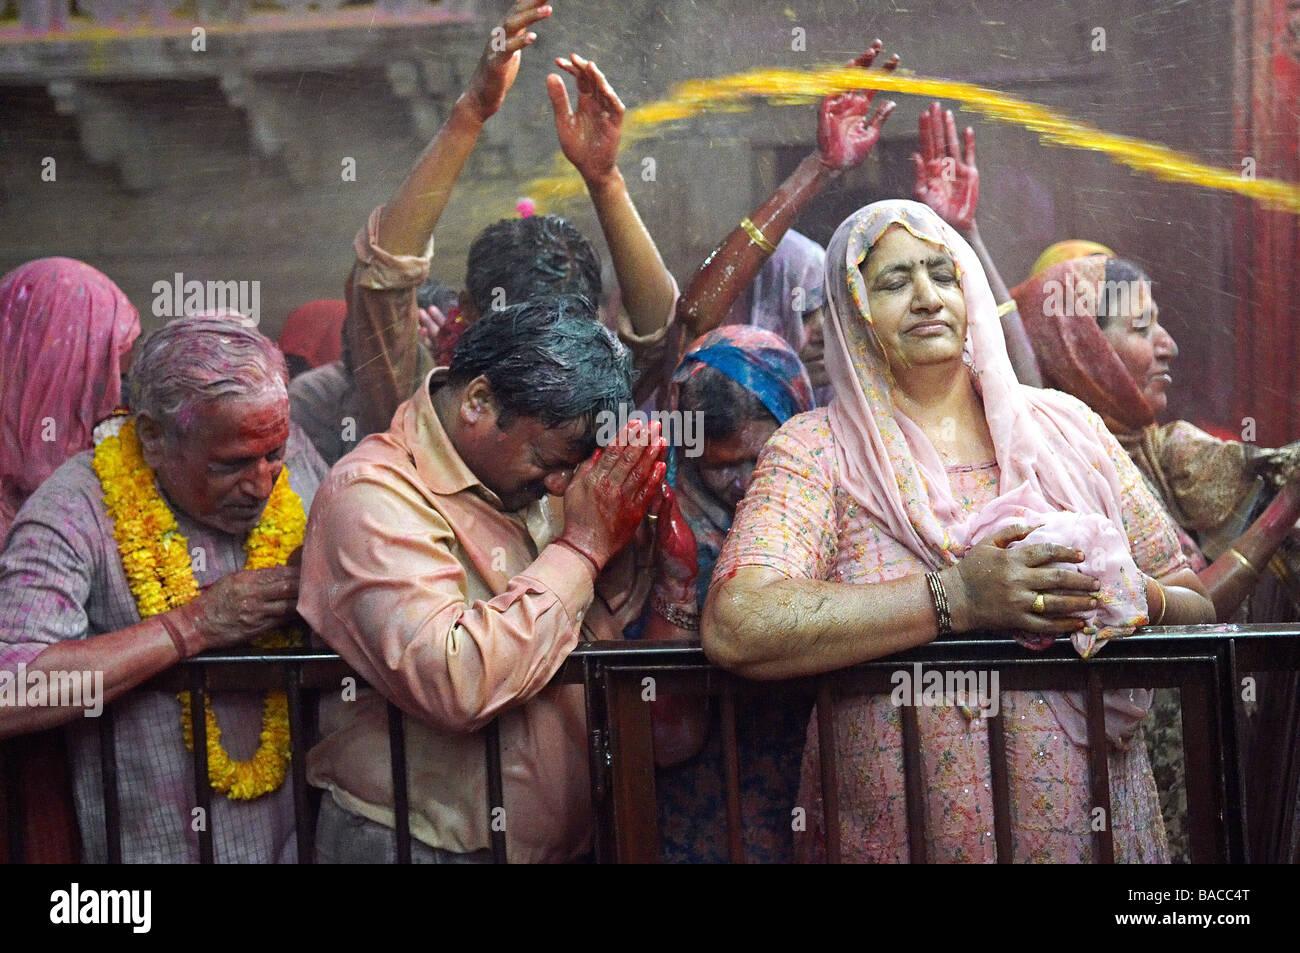 India, Uttar Pradesh, tempio dedicato al dio Krishna, Holi festival, il colore e il festival di primavera Immagini Stock